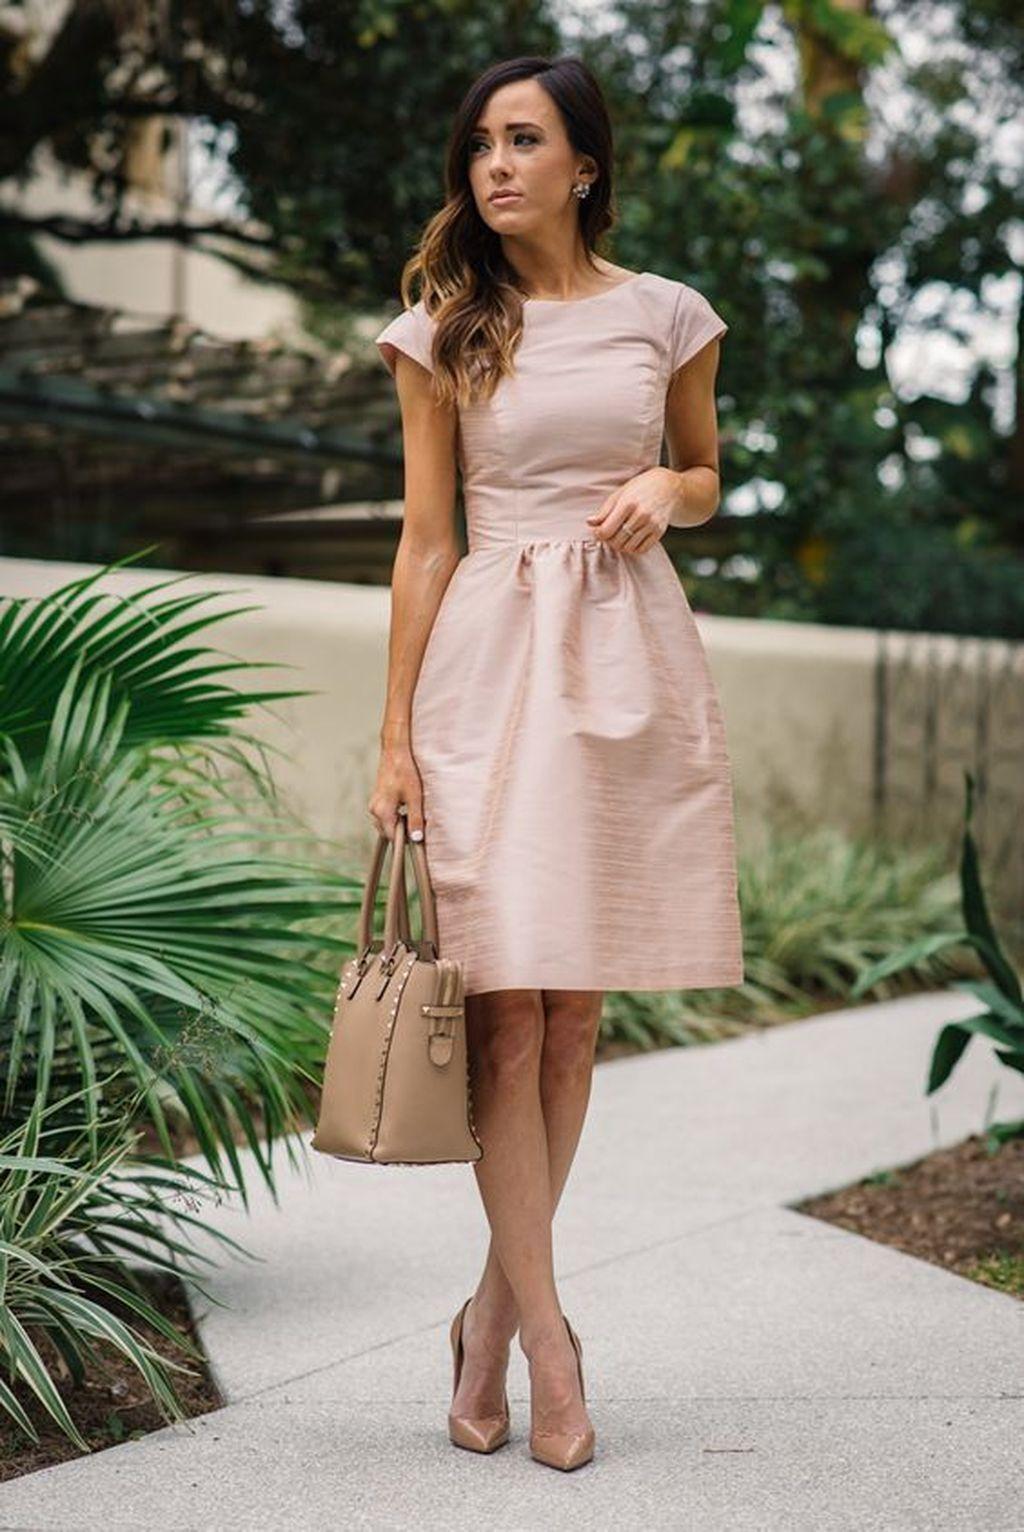 Cool 28 Trending 2018 Spring Wedding Guest Dress Ideas